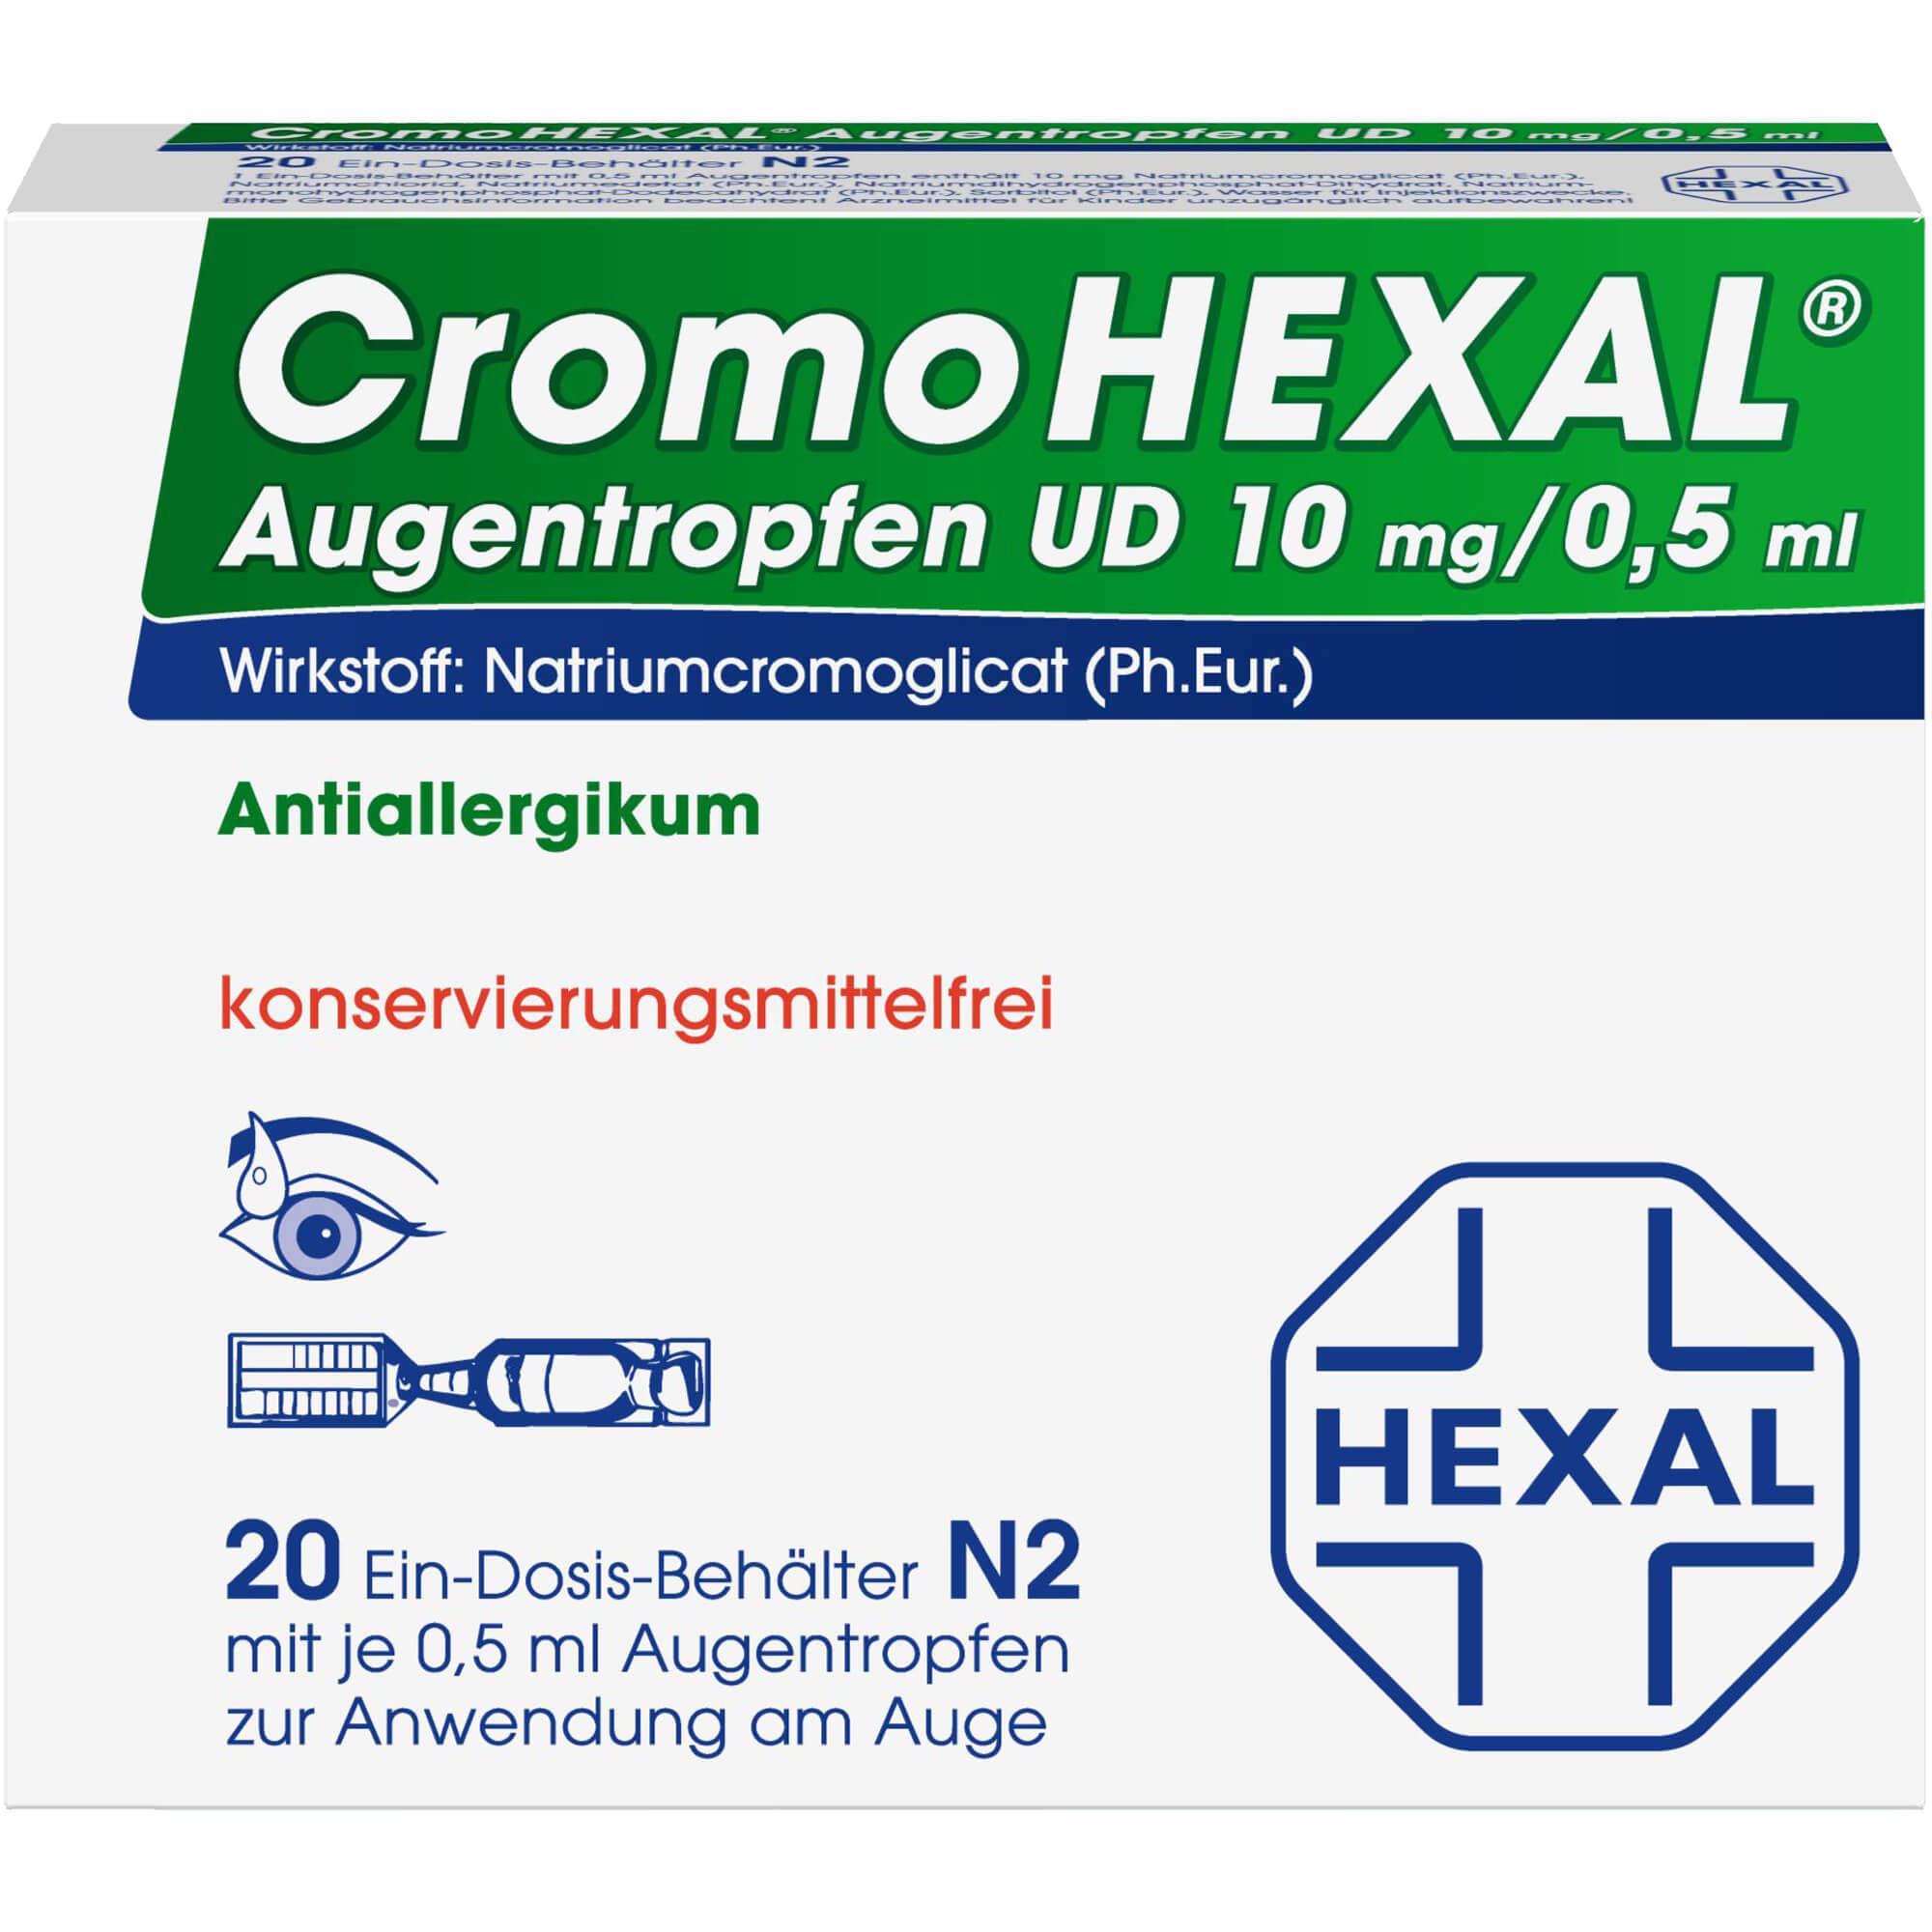 CROMOHEXAL-UD-EDP-0-5-ml-Augentropfen